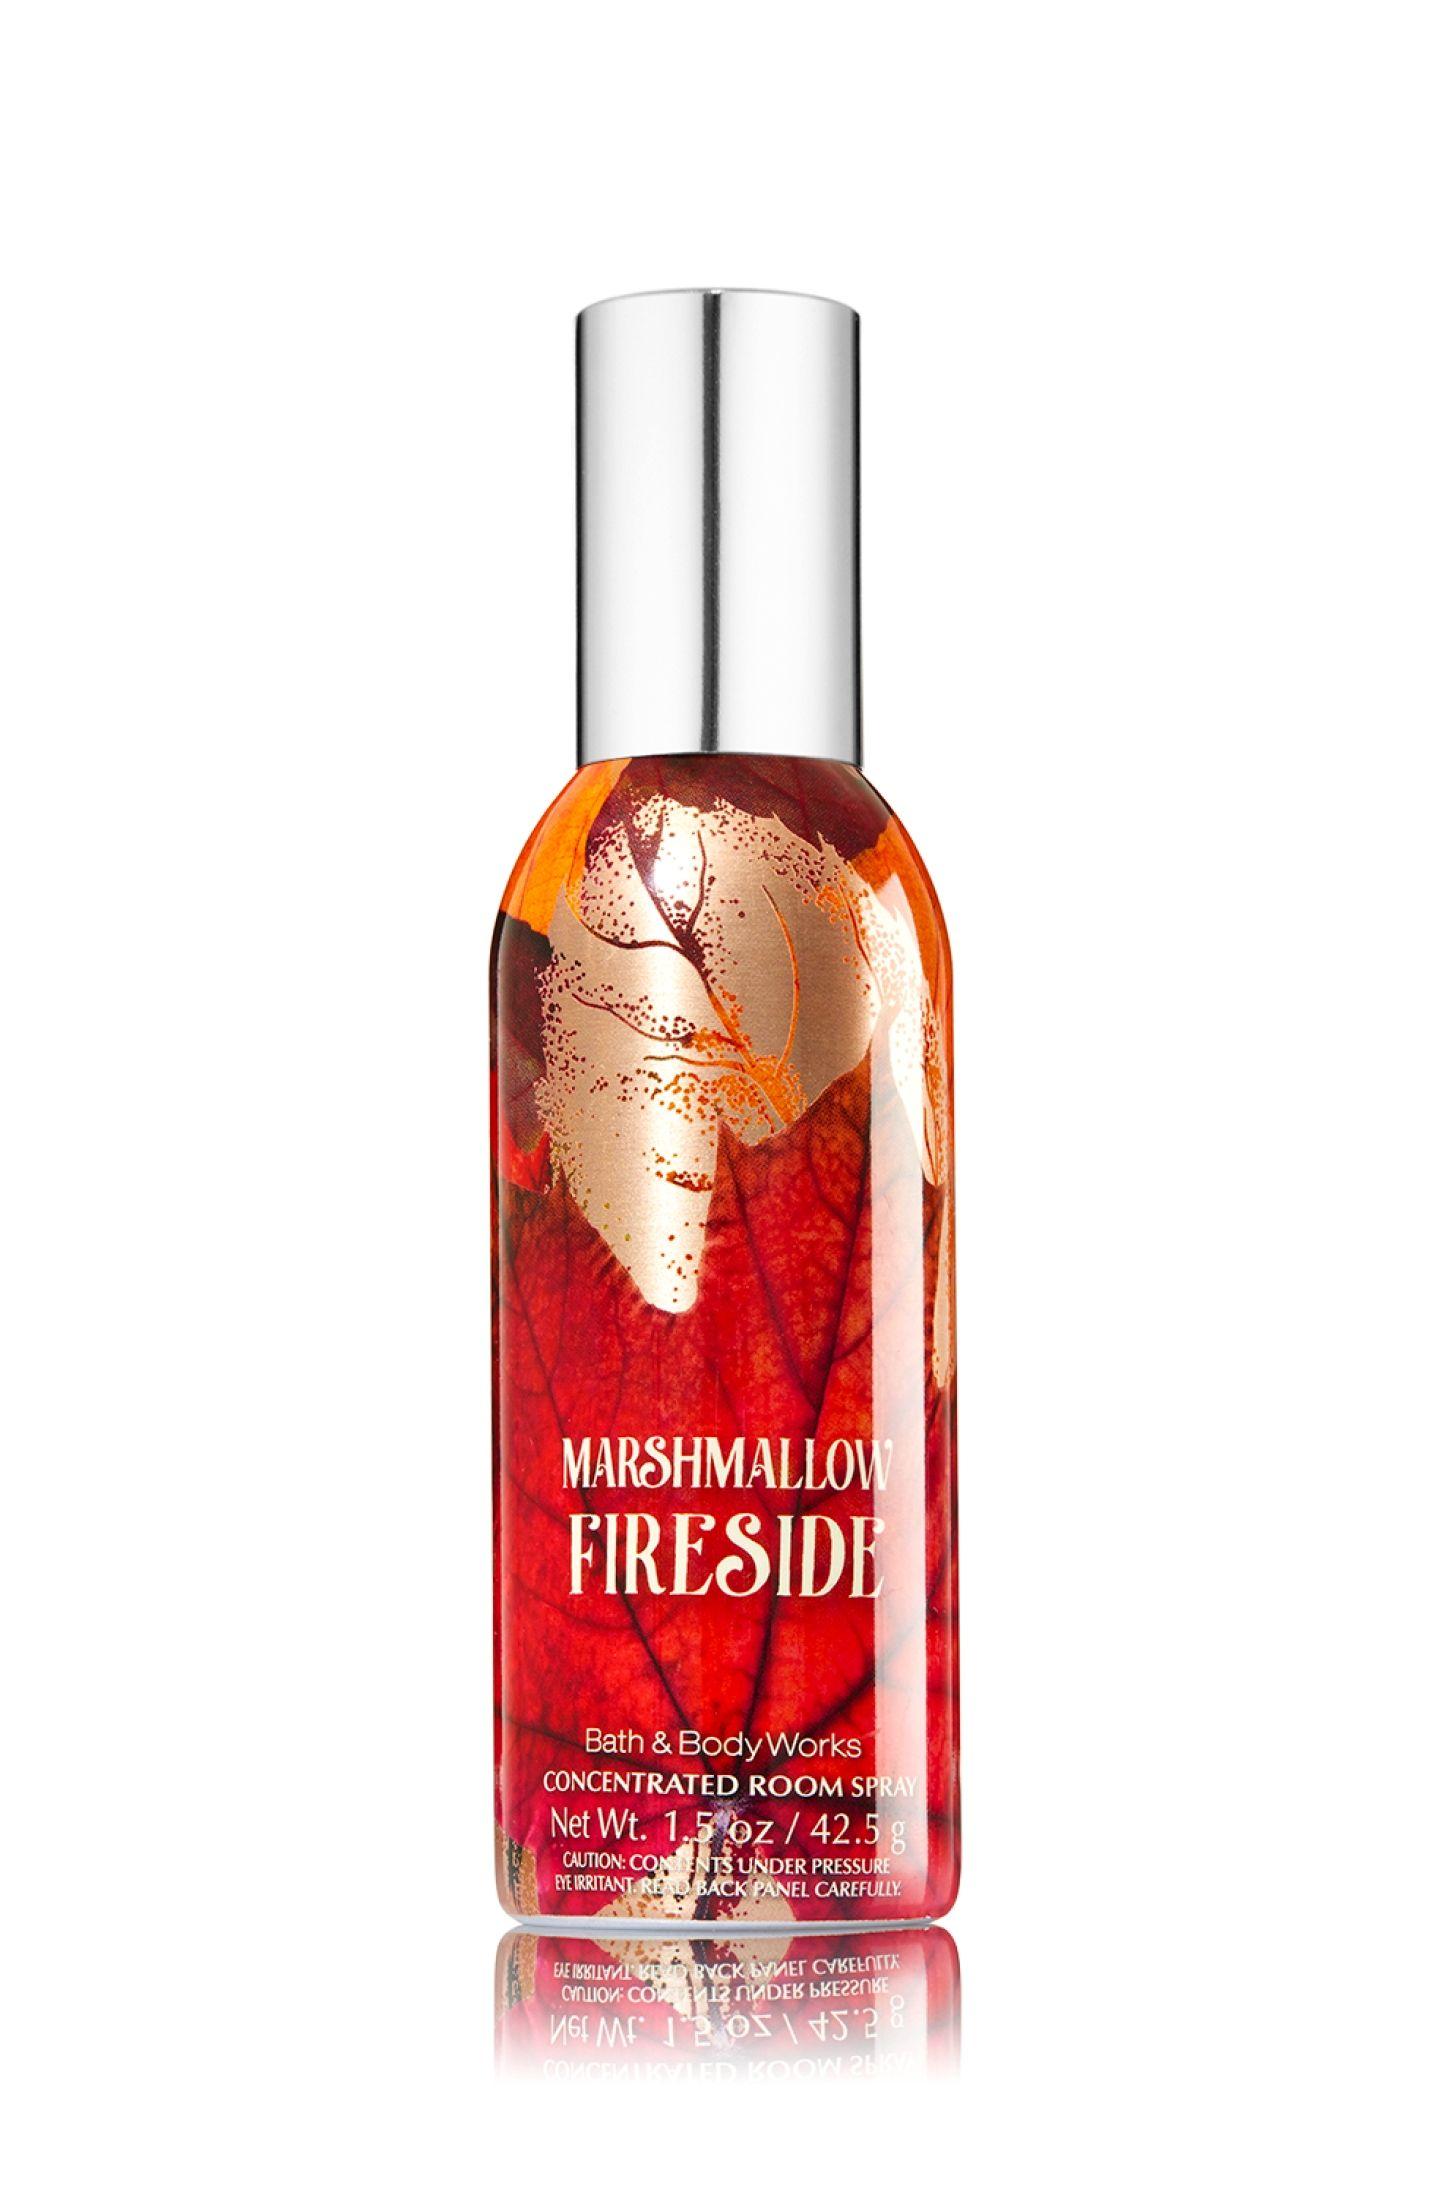 Marshmallow Fireside 1 5 Oz Room Perfume Home Fragrance 1037181